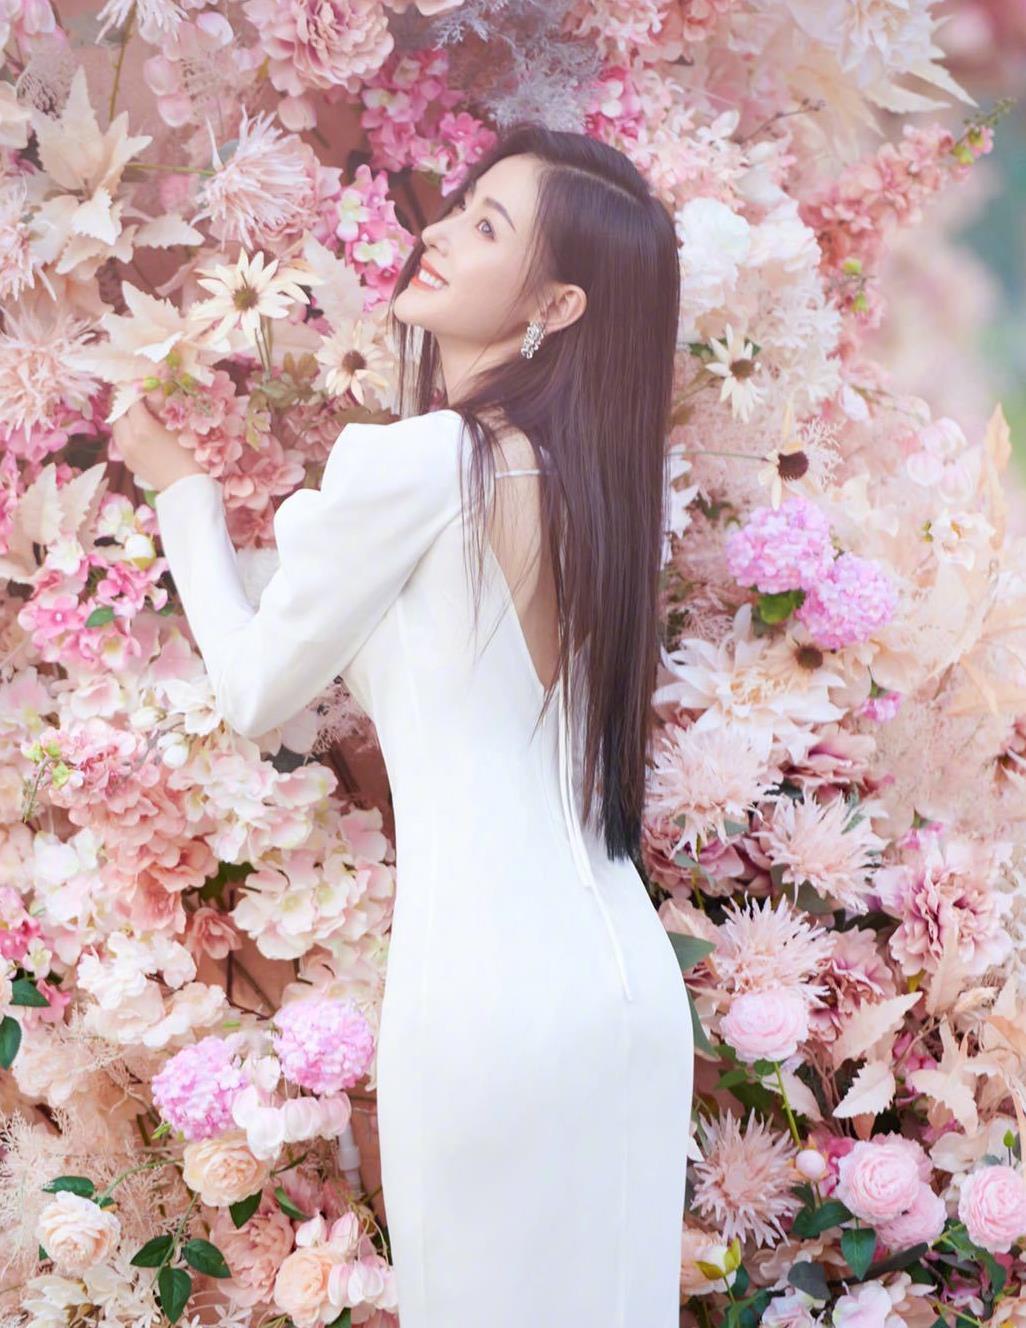 秋天怎么能悄悄过,学点张天爱穿白色调连衣裙,高调的美